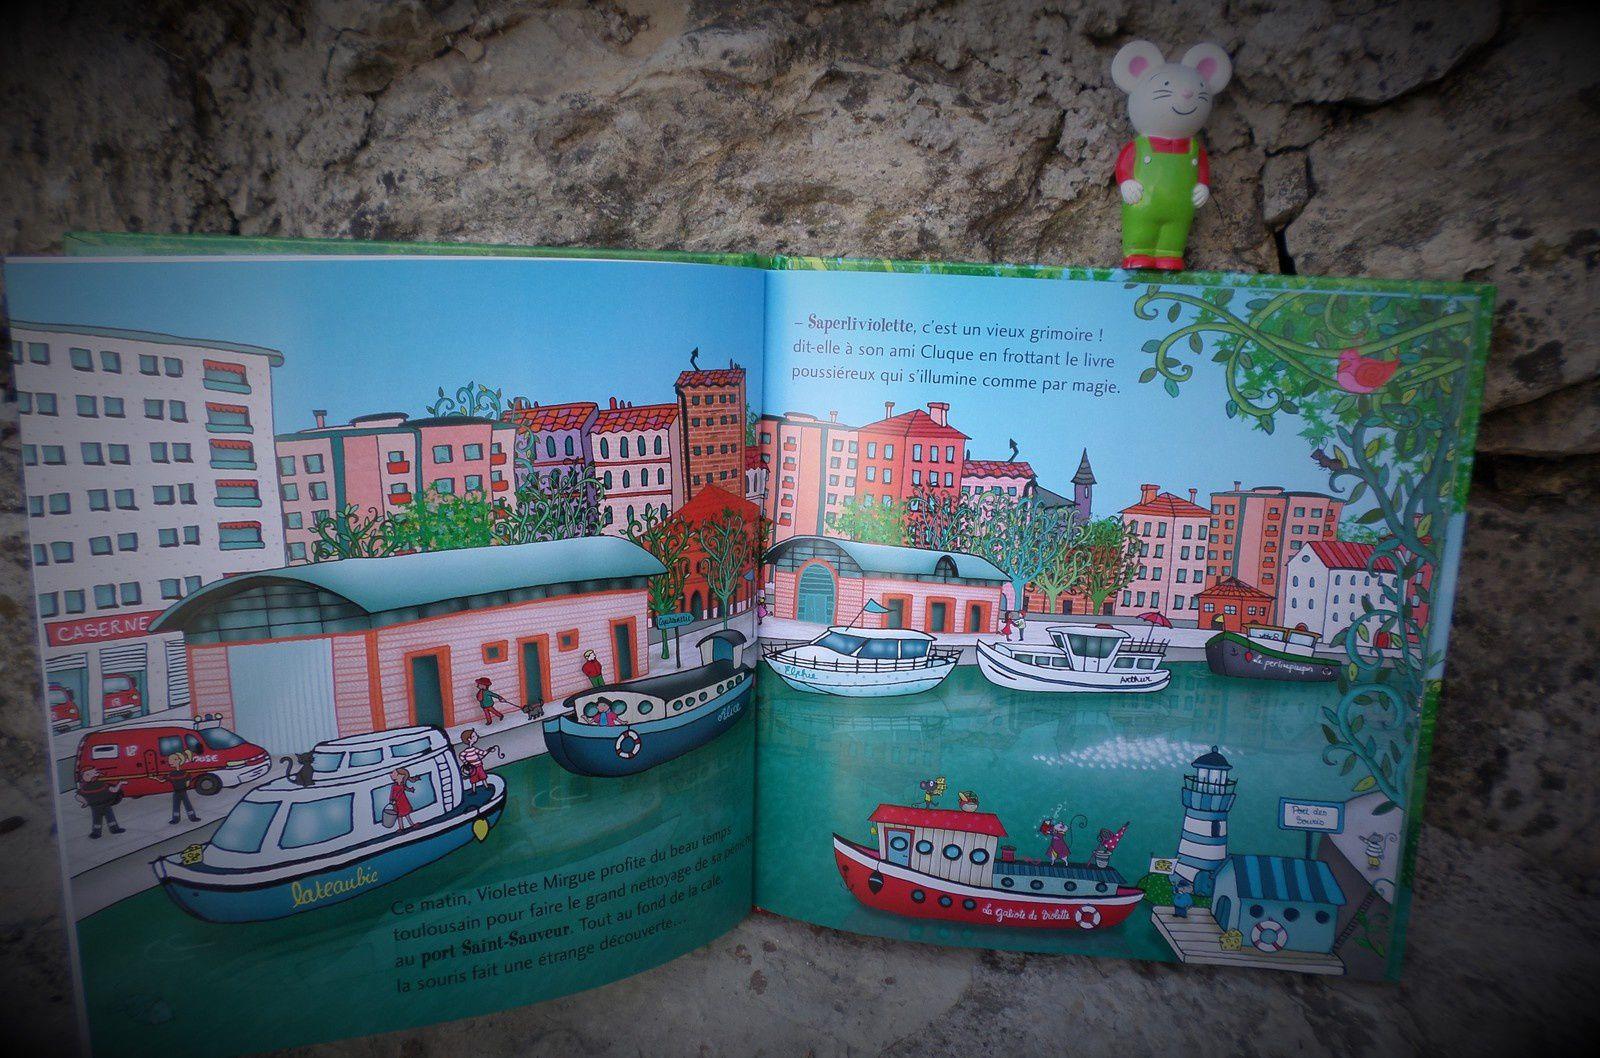 Chut les enfants lisent #121 : Une aventure de Violette Mirgue Le trésor du canal du Midi